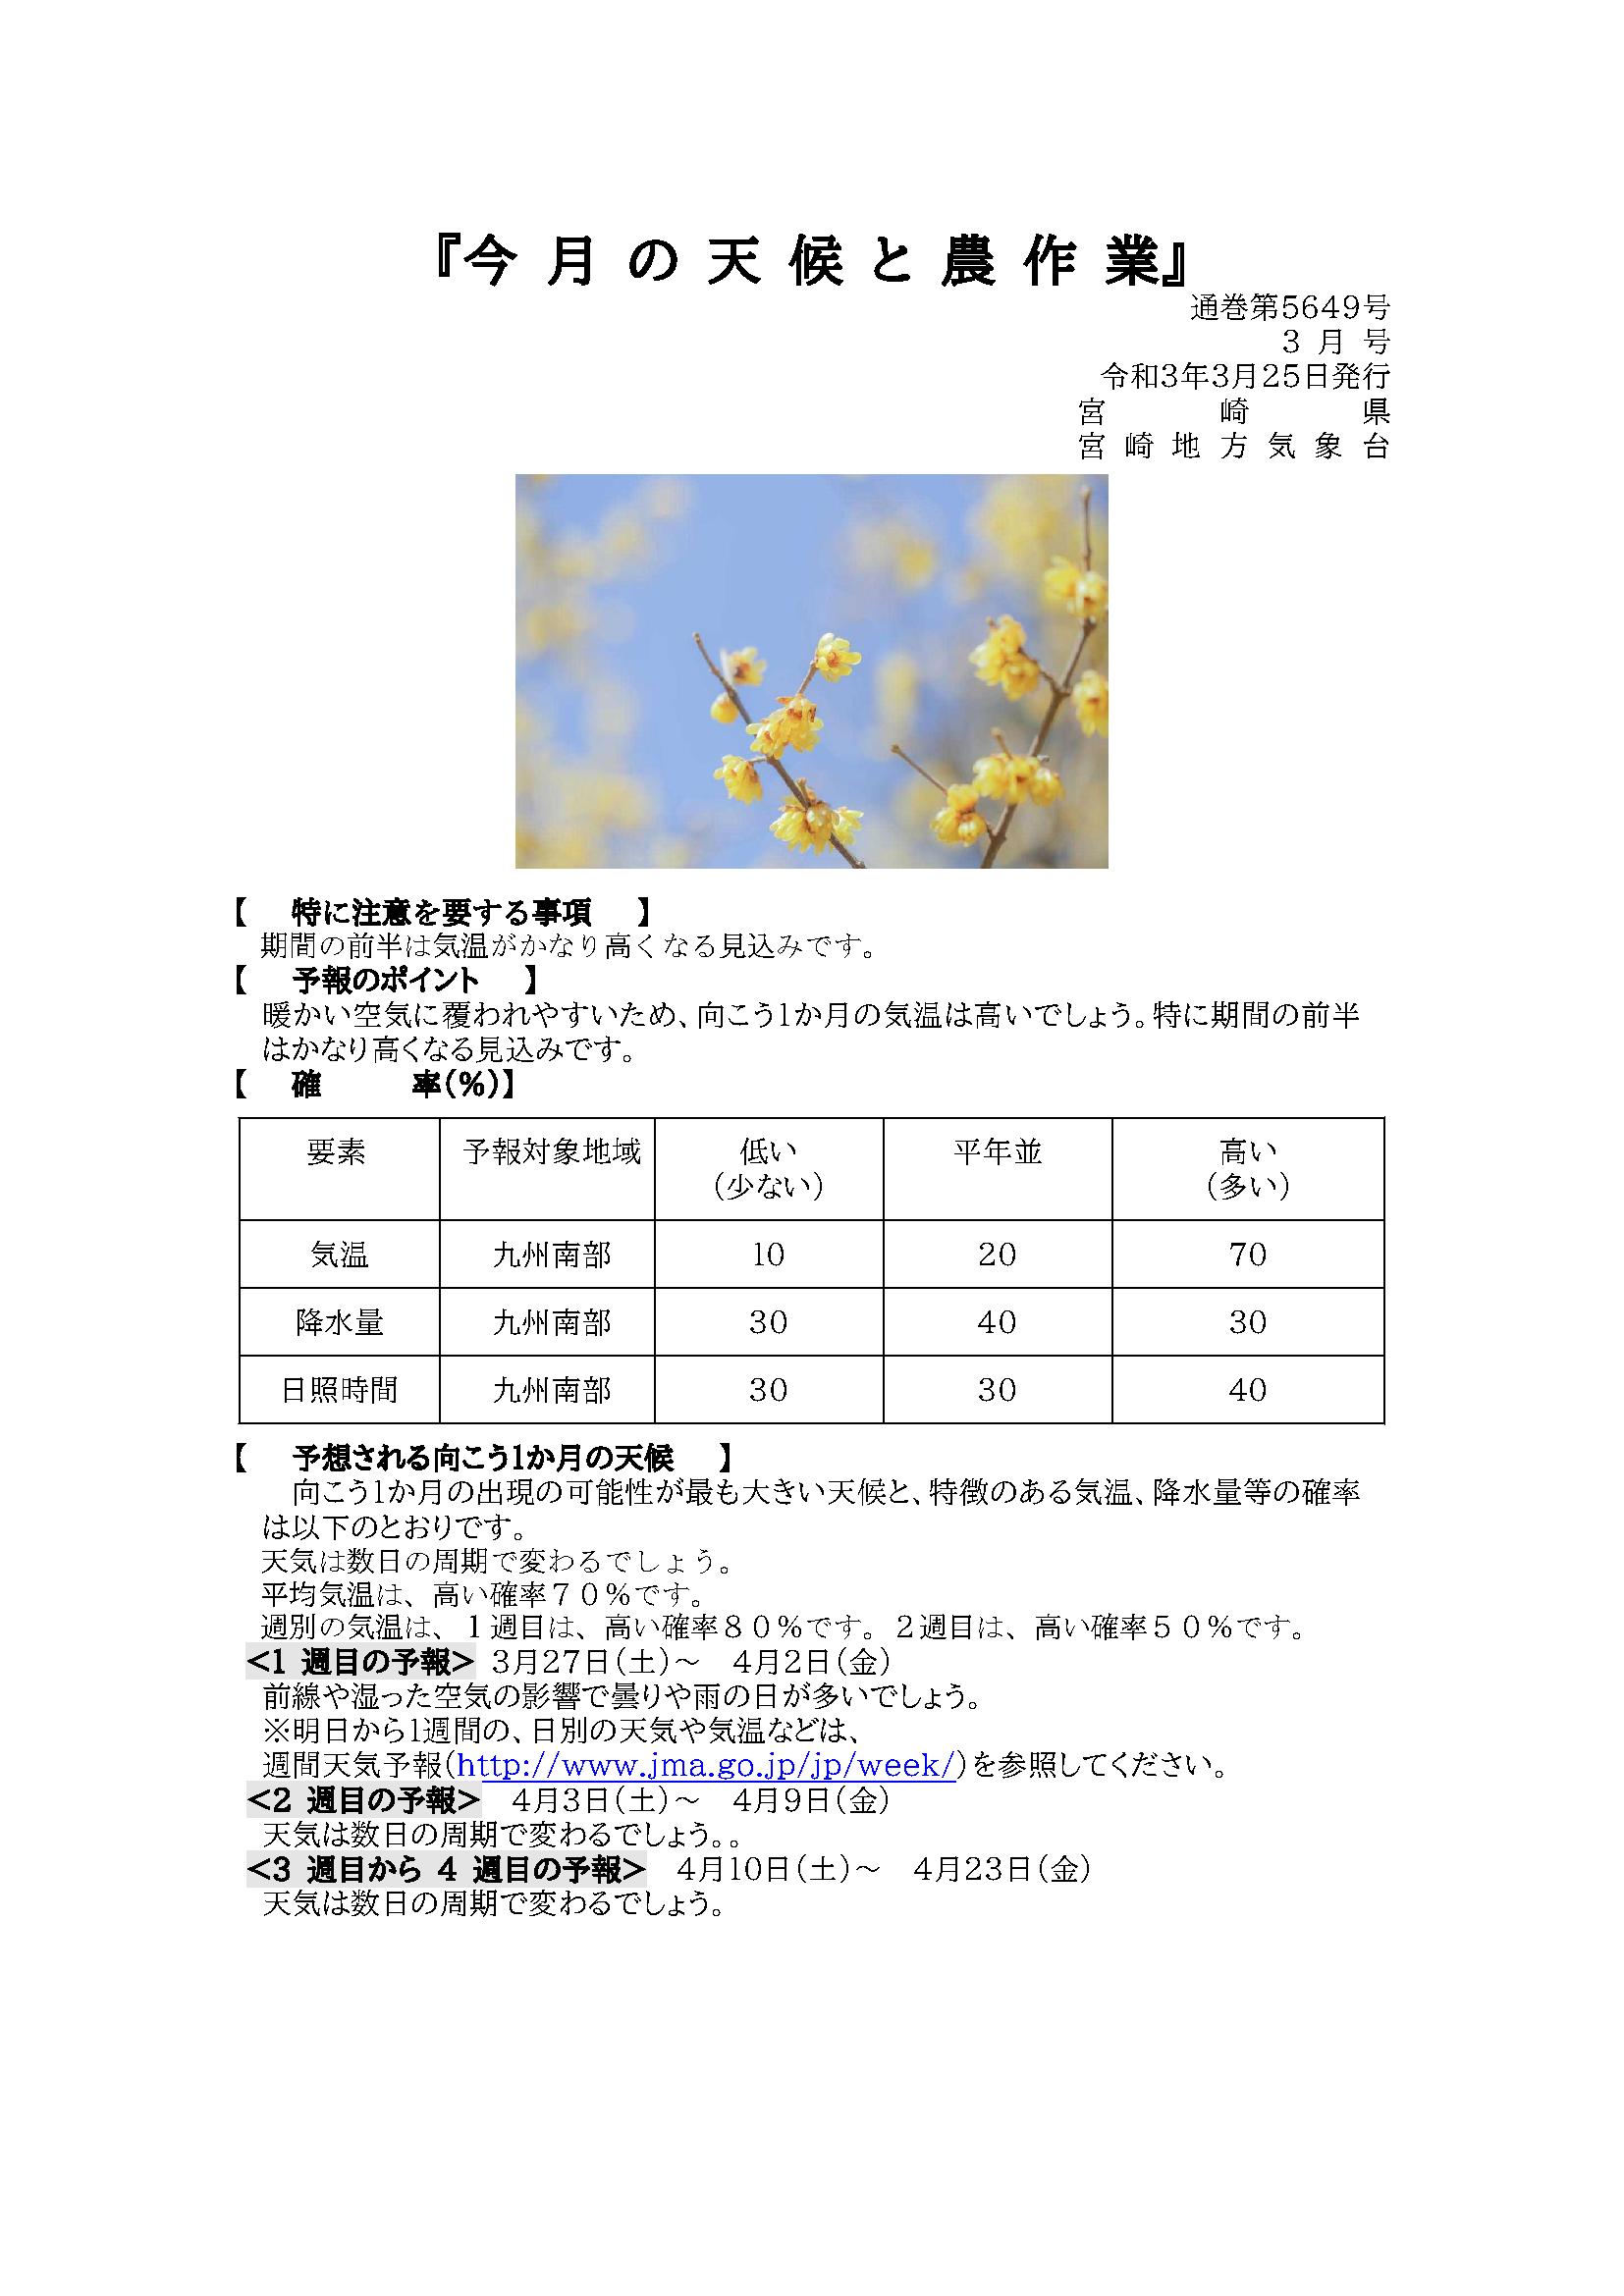 今月の天候と農作業2021年4月版